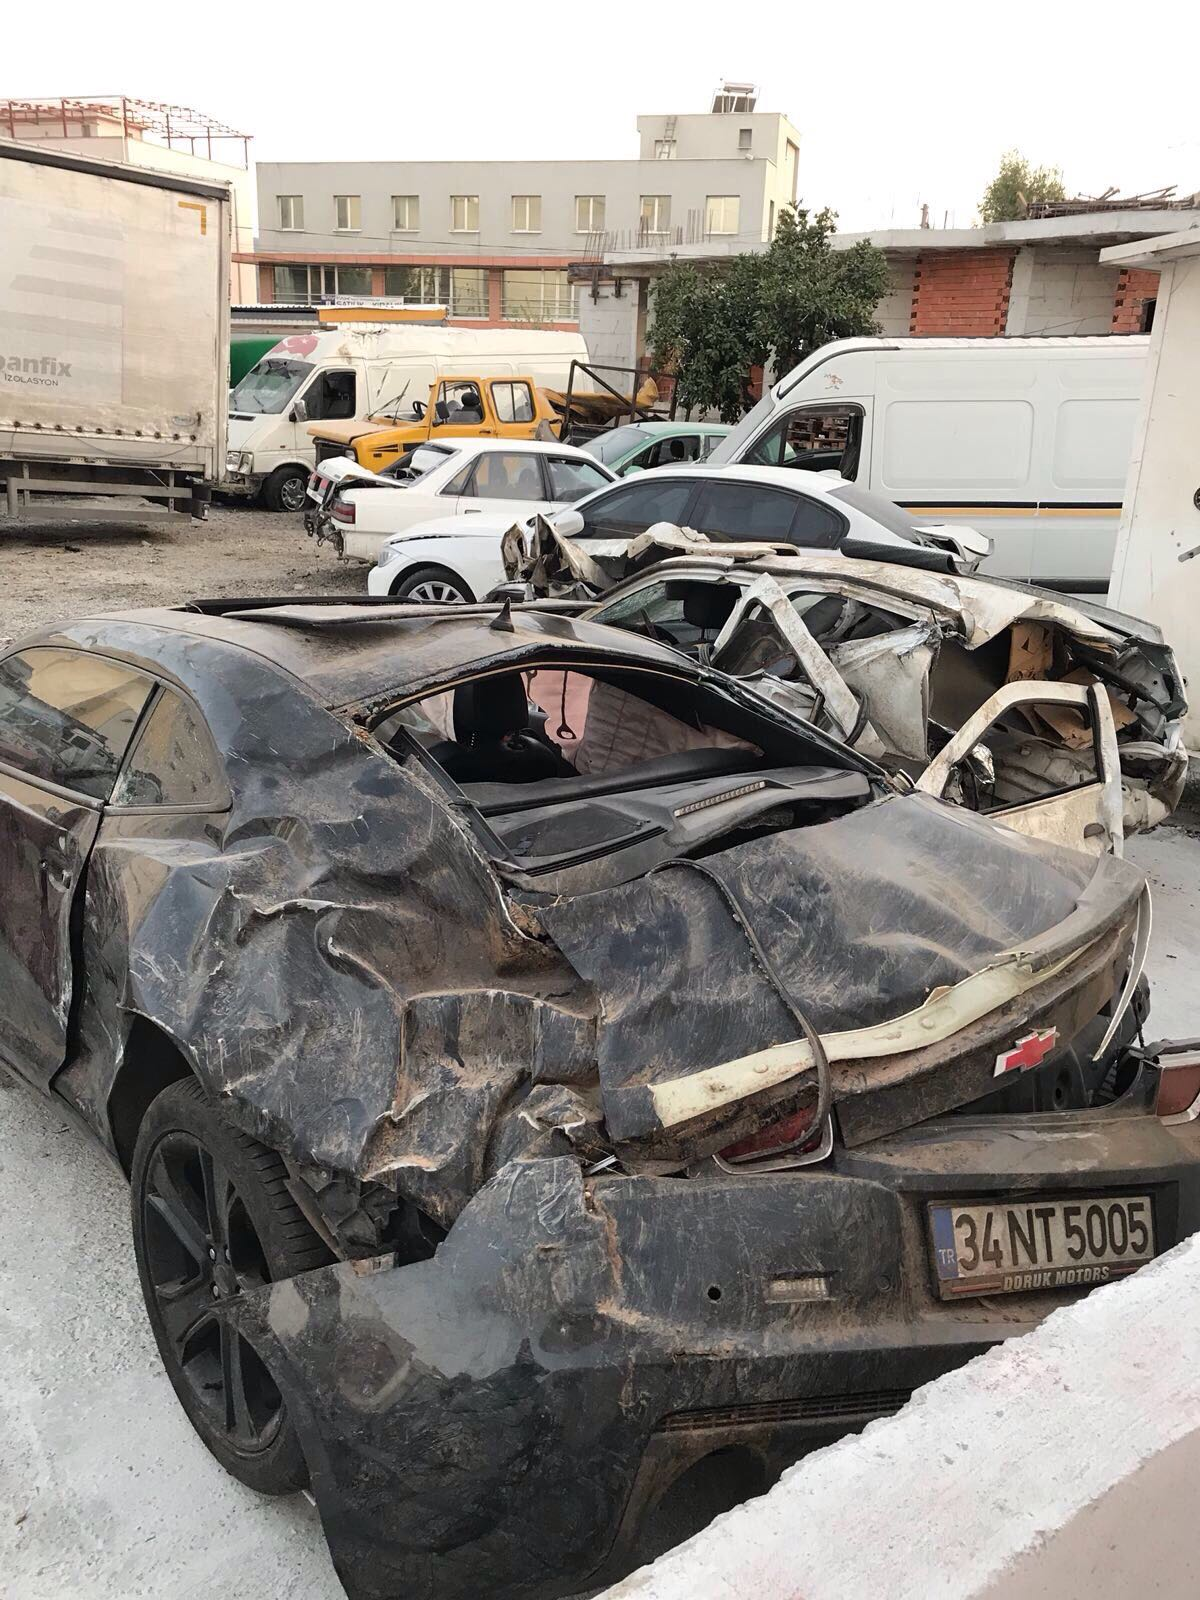 Kazadan sonra Emrah Serbes'in hurdaya çıkan otomobili